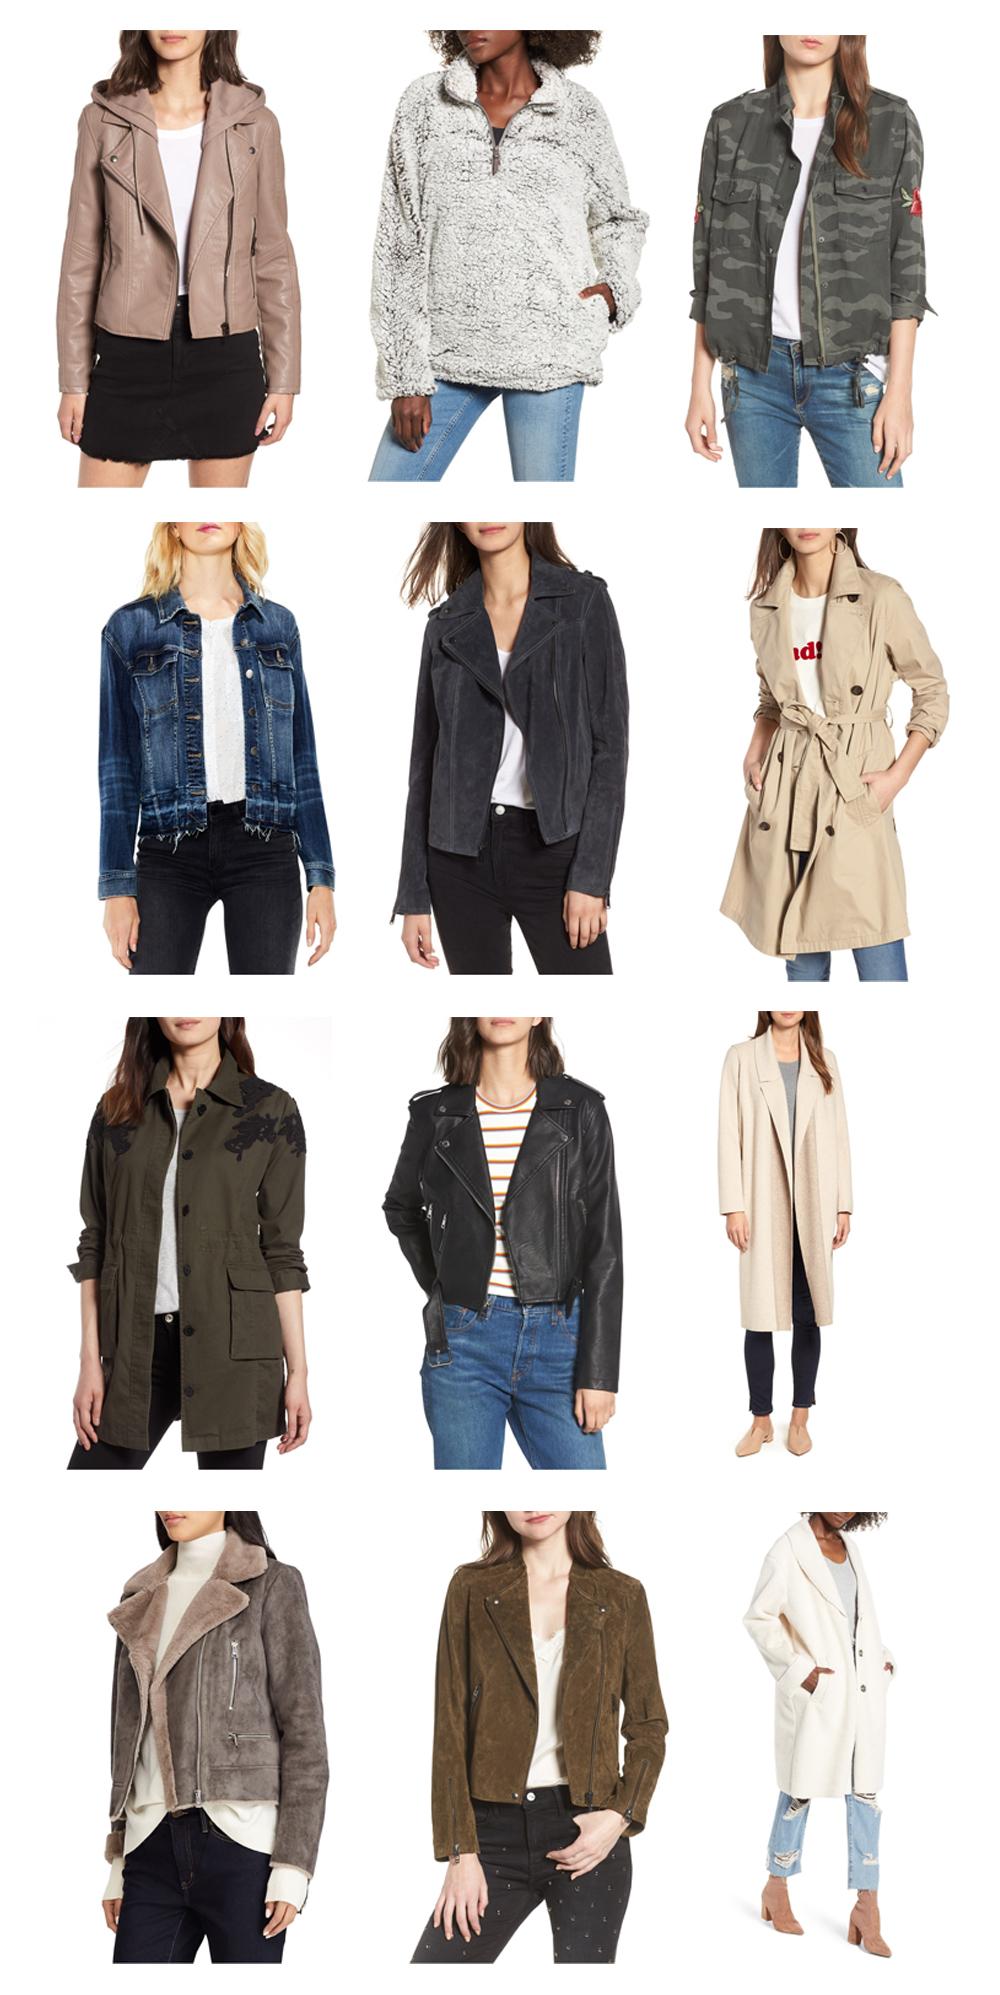 coats-jackets.jpg